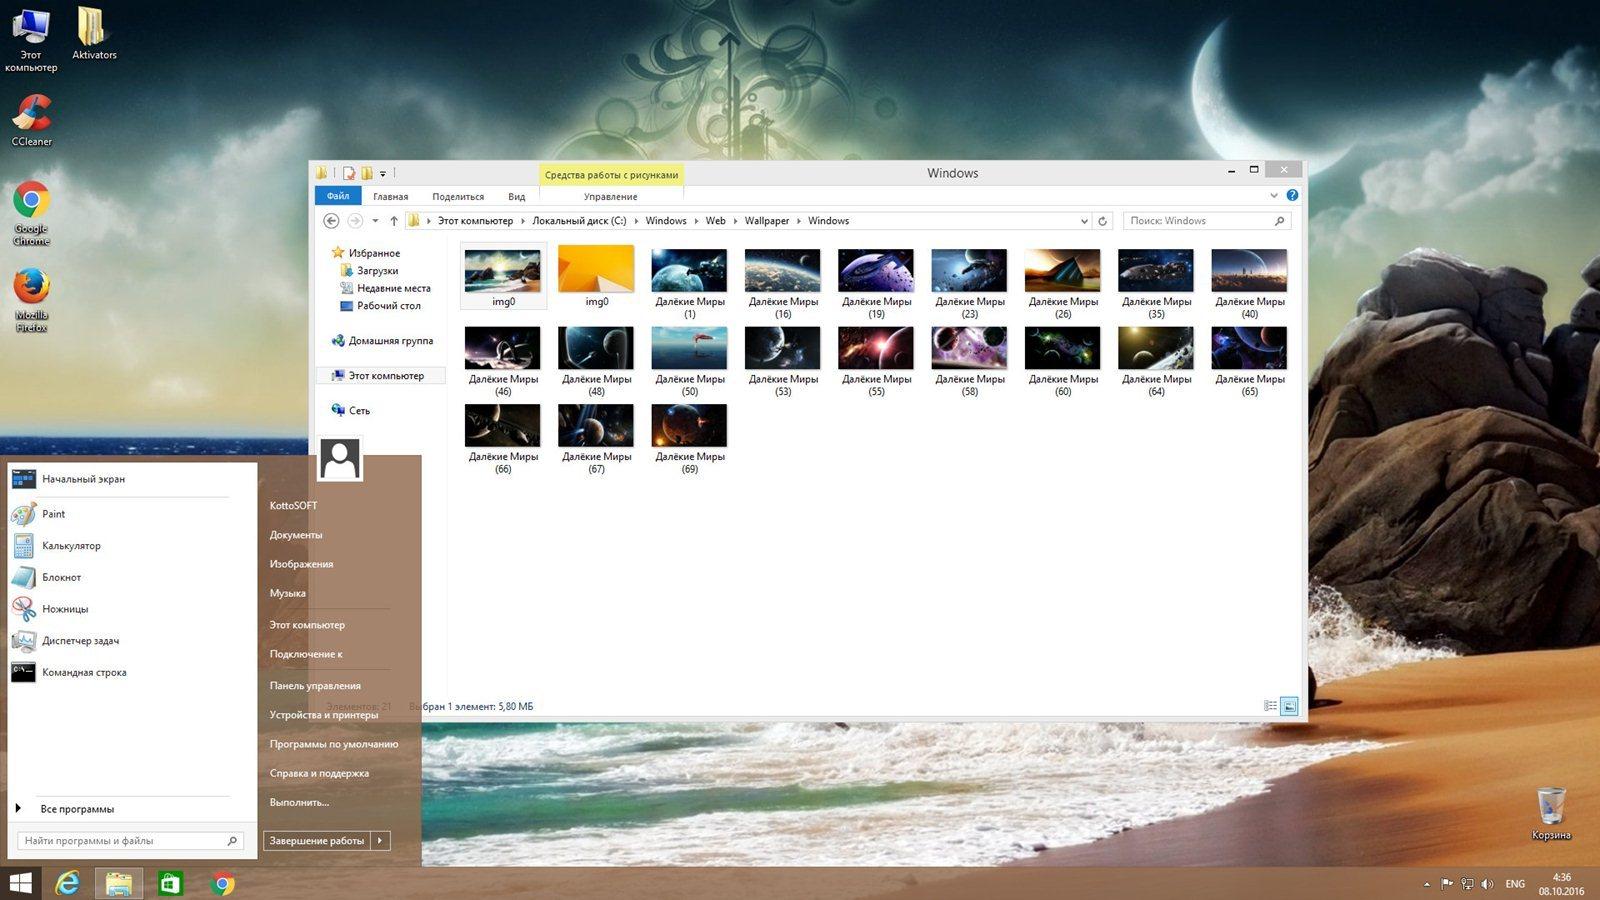 Windows 8.1 Корпоративная x64 v.49.16 KottoSOFT скачать торрент